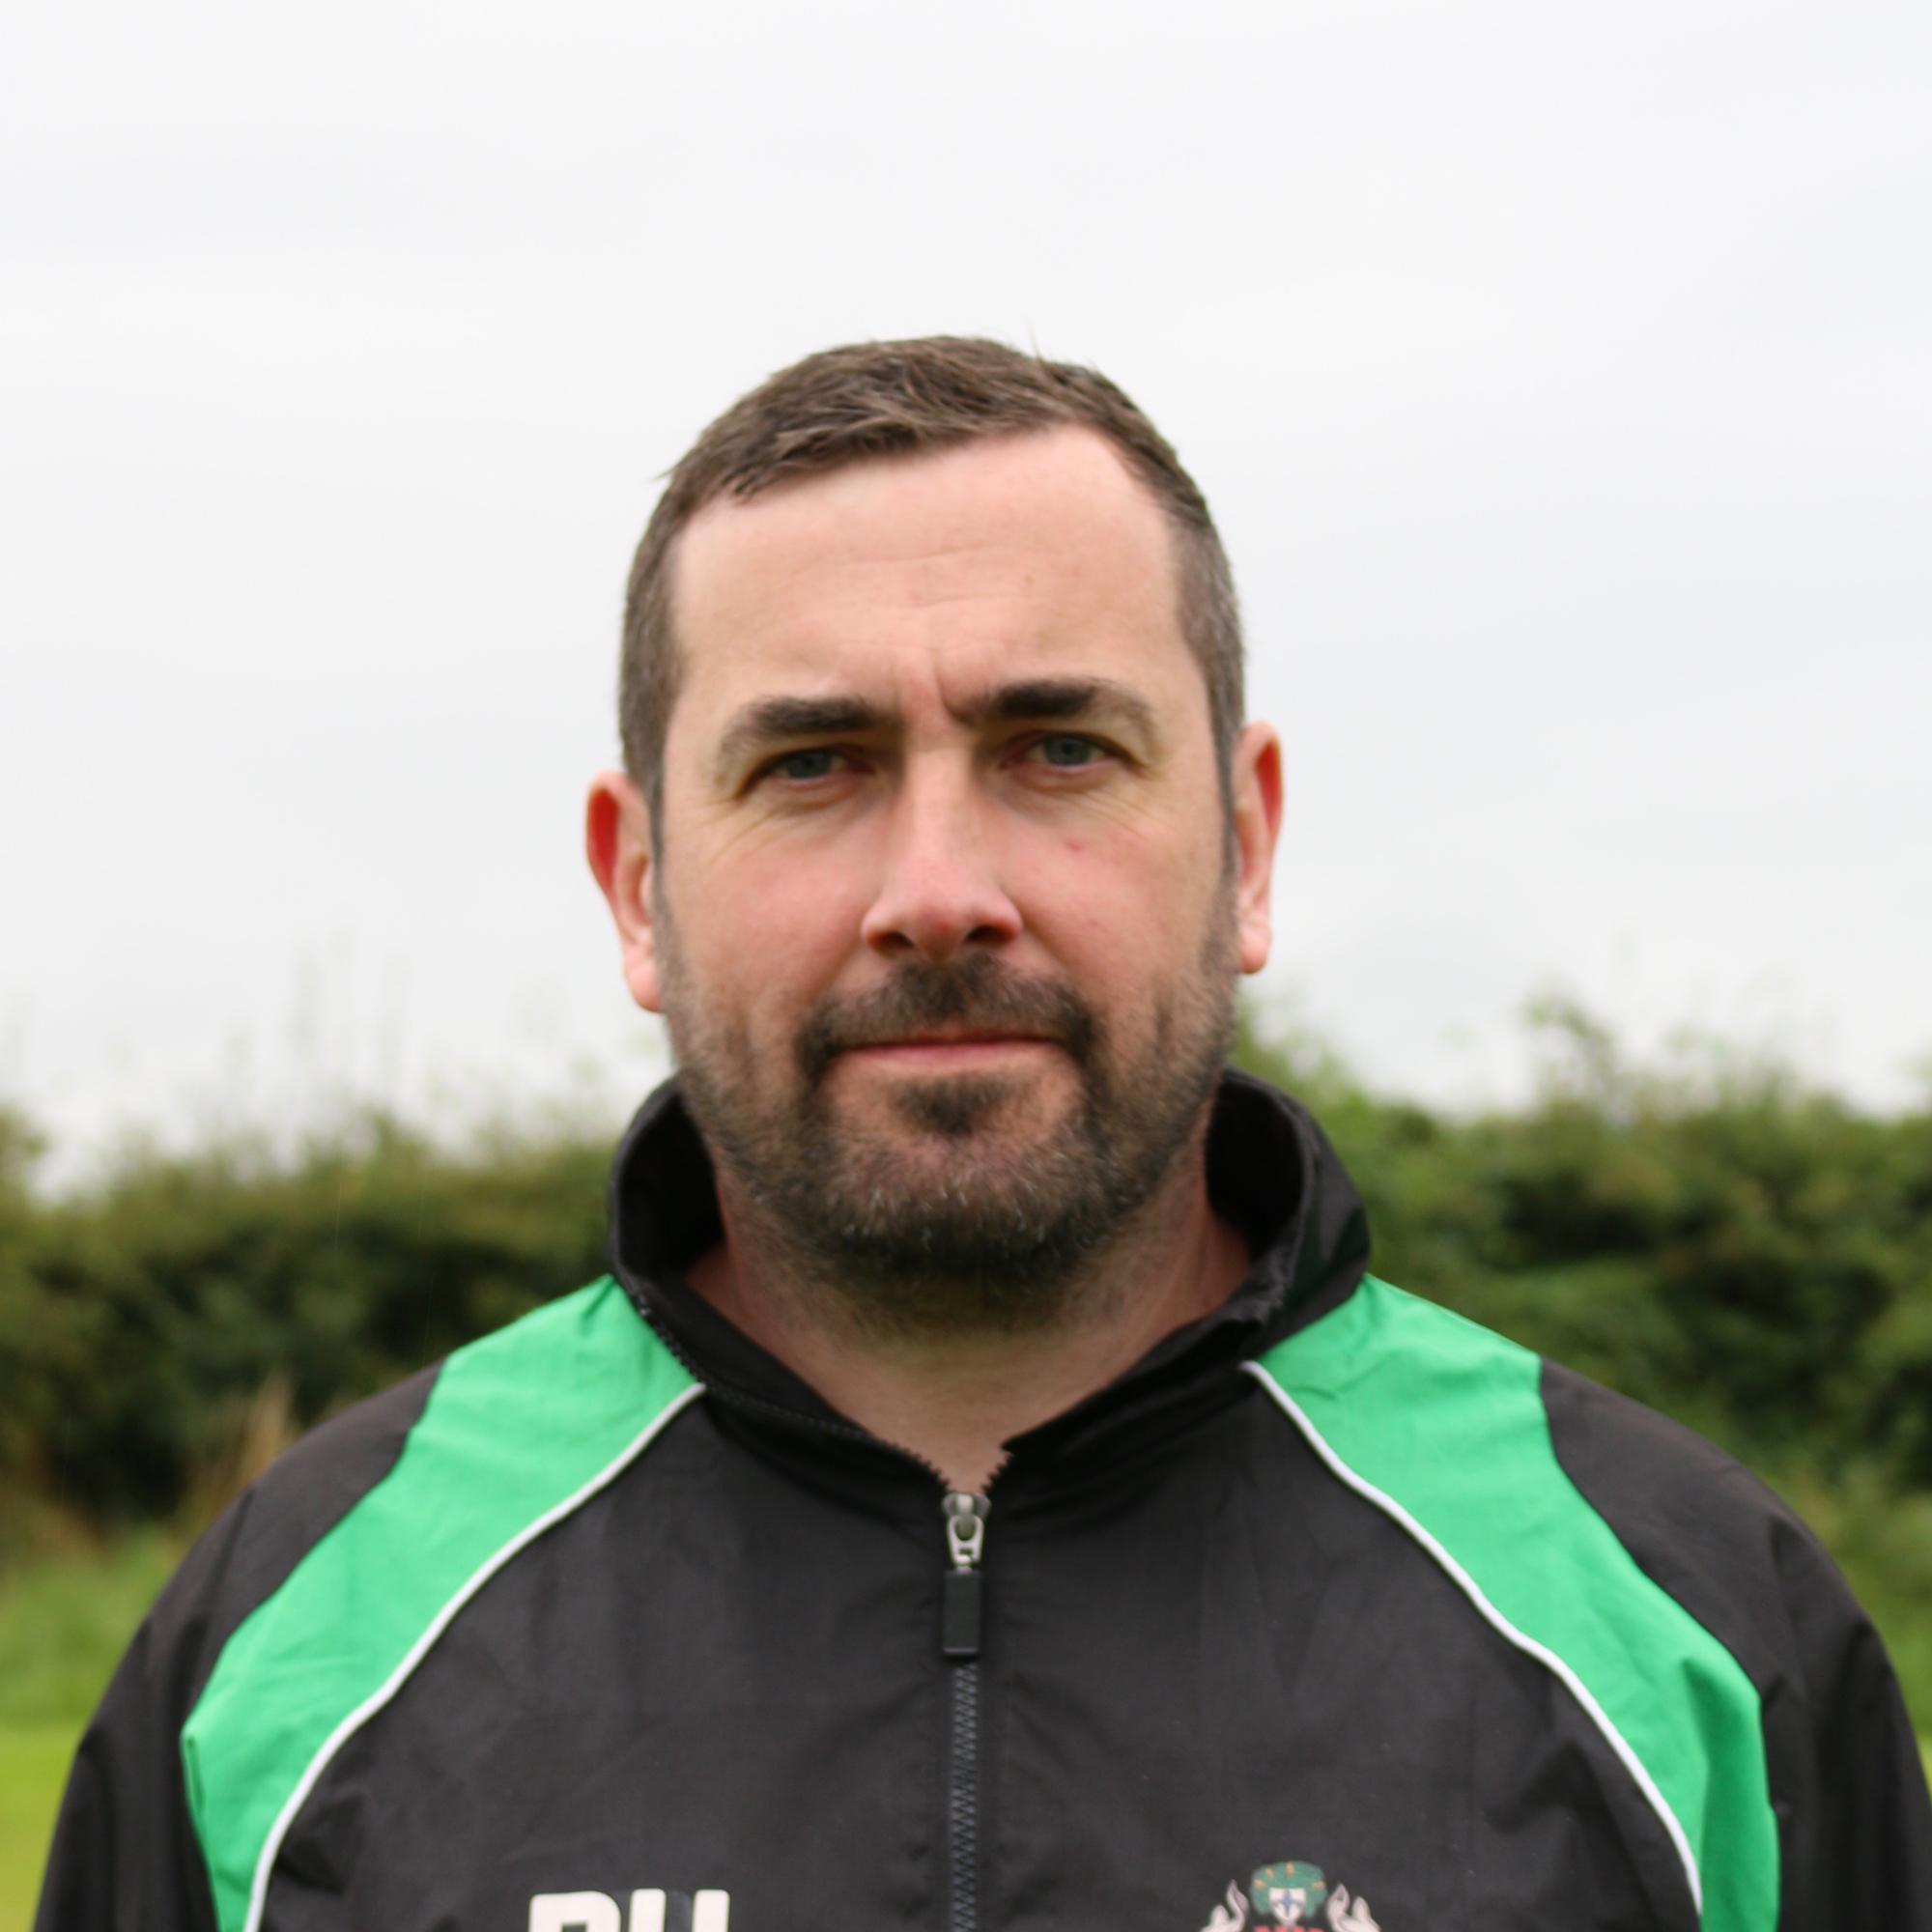 PaulHodson - Joins the Reservesas Coach